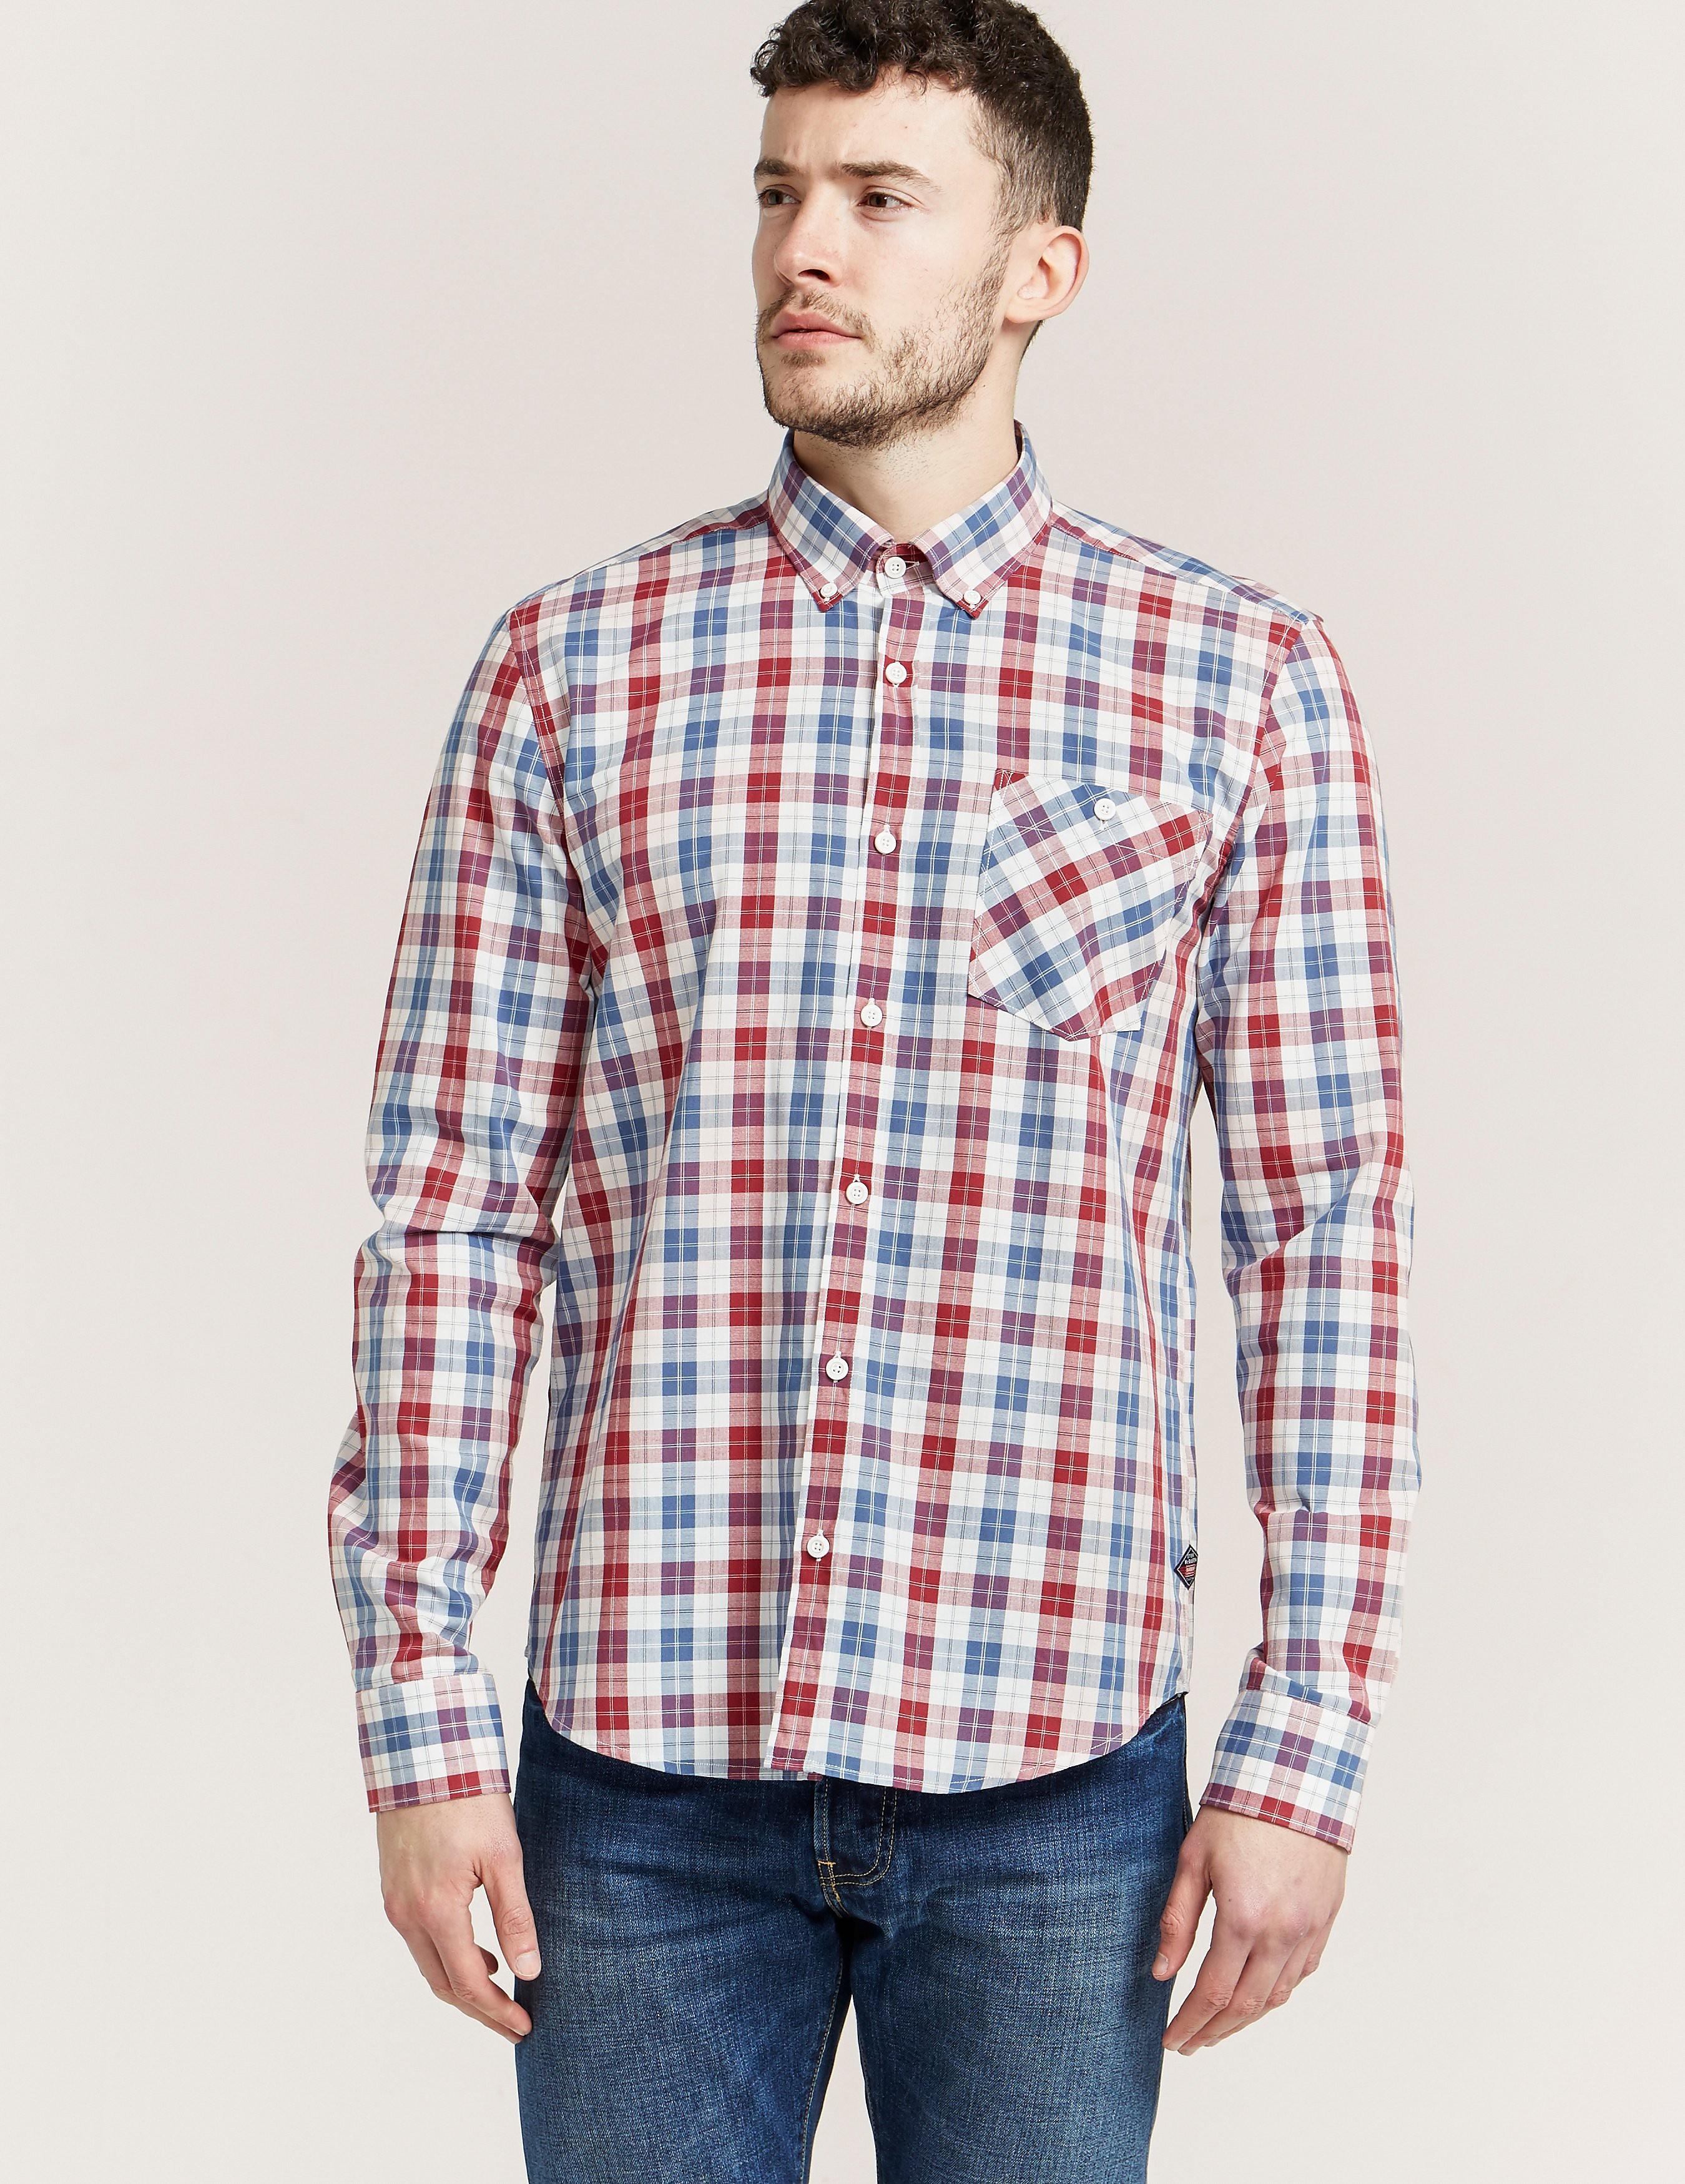 Barbour International Steve McQueen Indiana Shirt